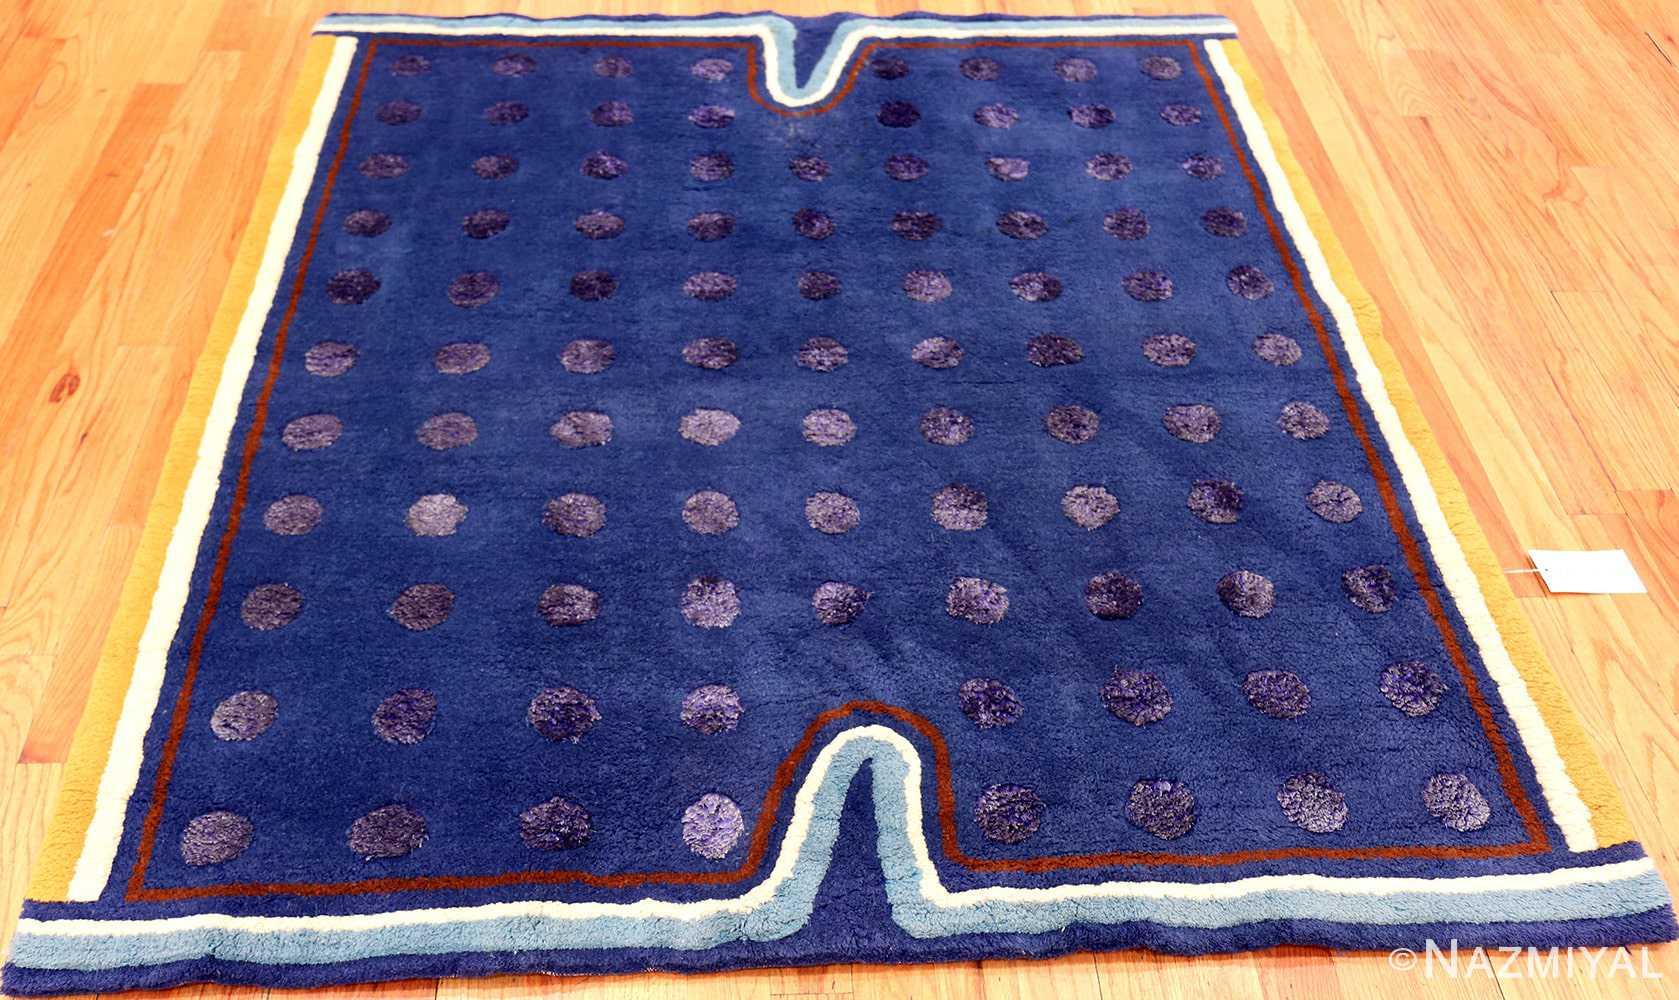 Blue Square Silk and Wool Garo Antreasian Art Rug #49950 - Nazmiyal